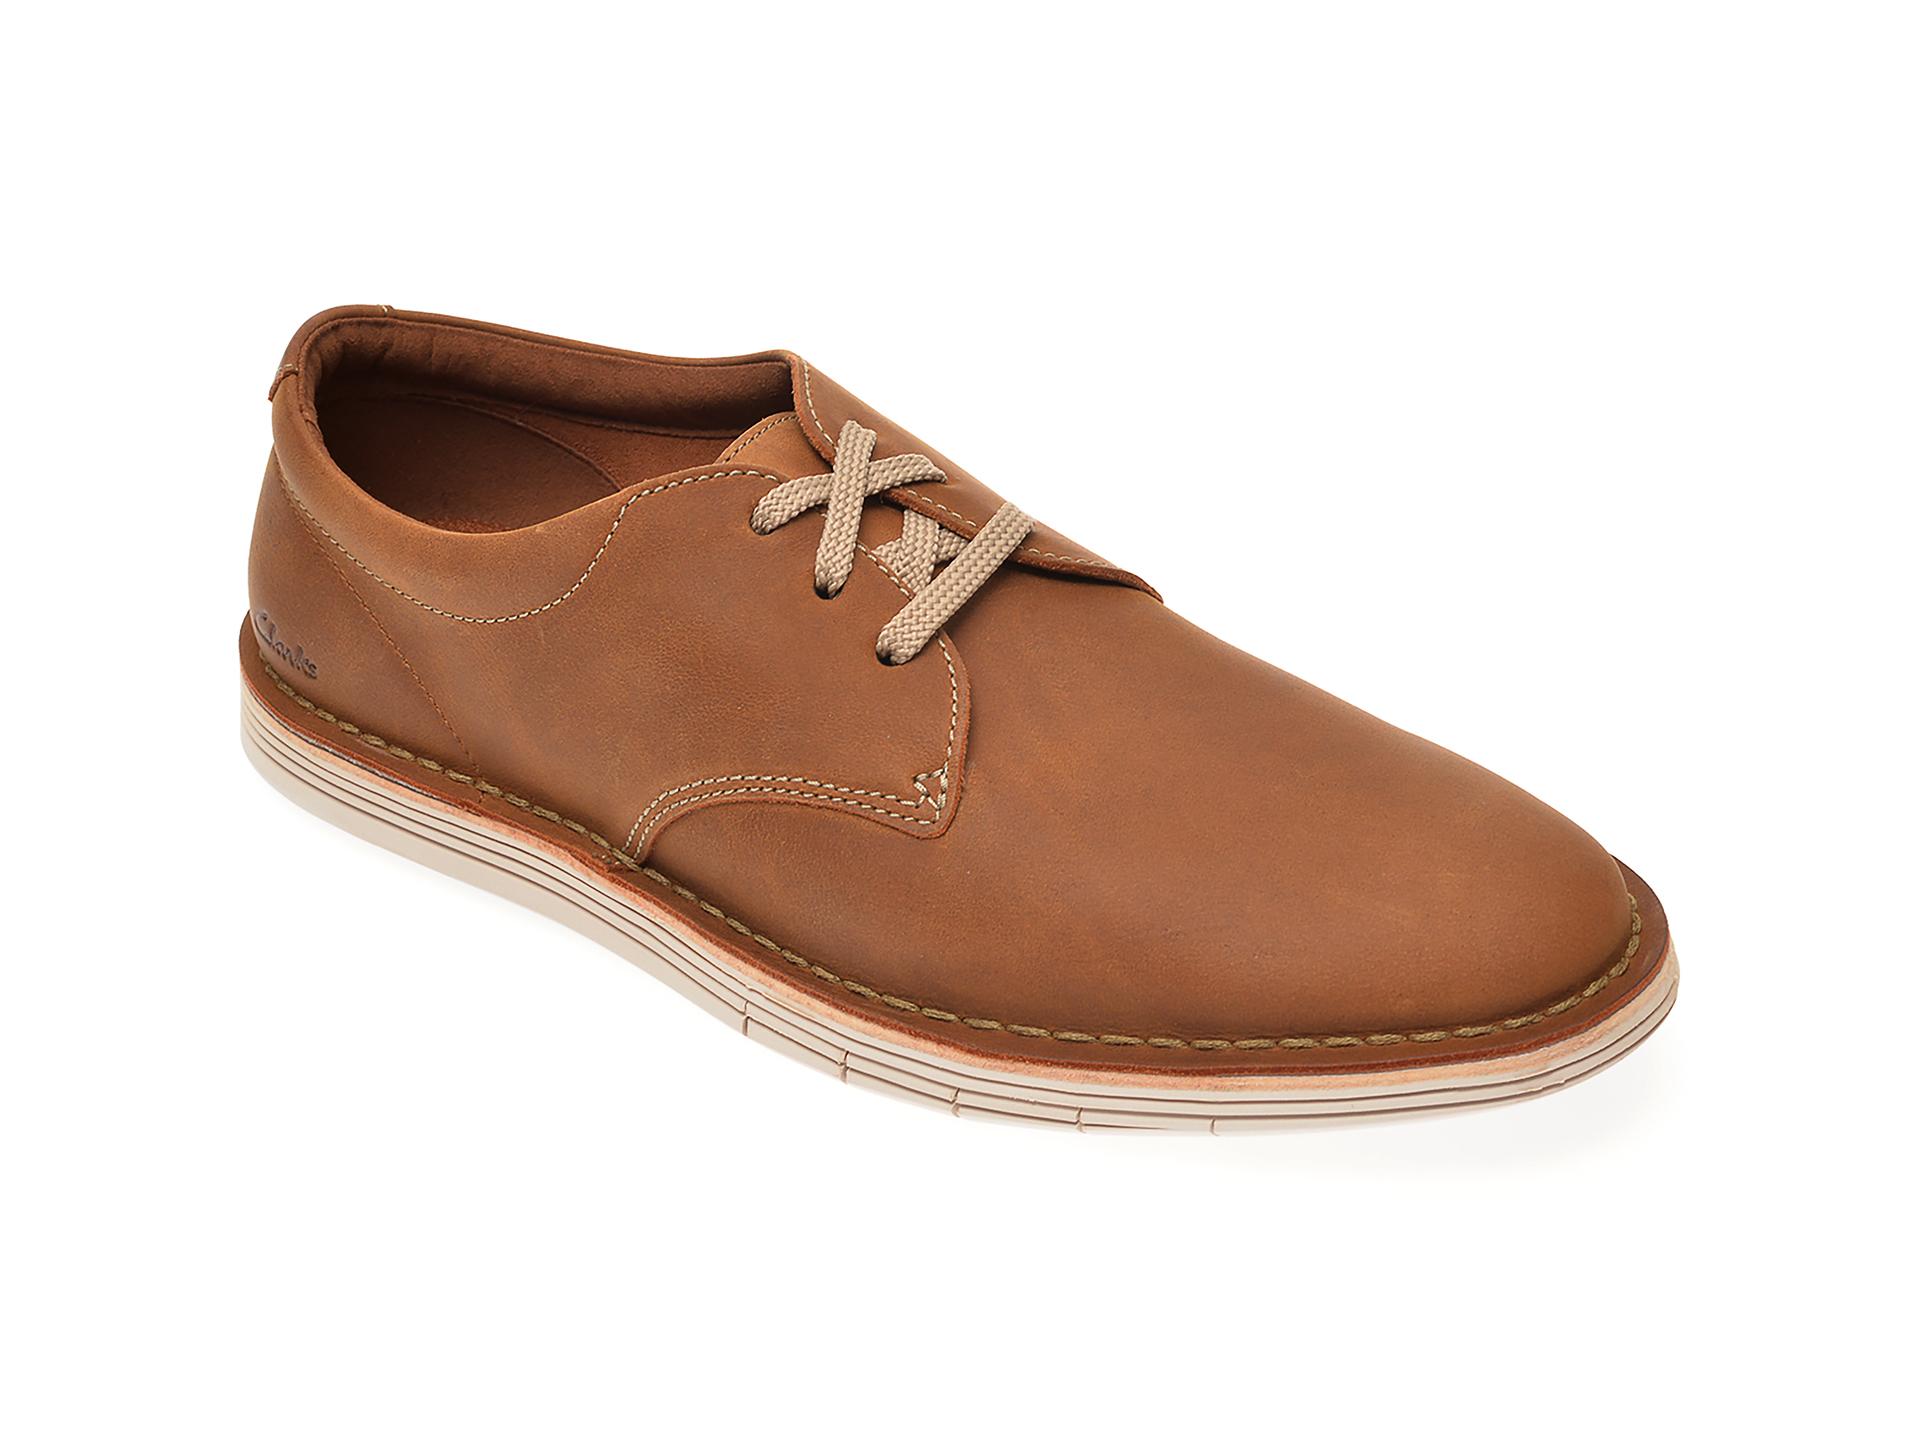 Pantofi CLARKS maro, Un Costa Lace, din piele naturala